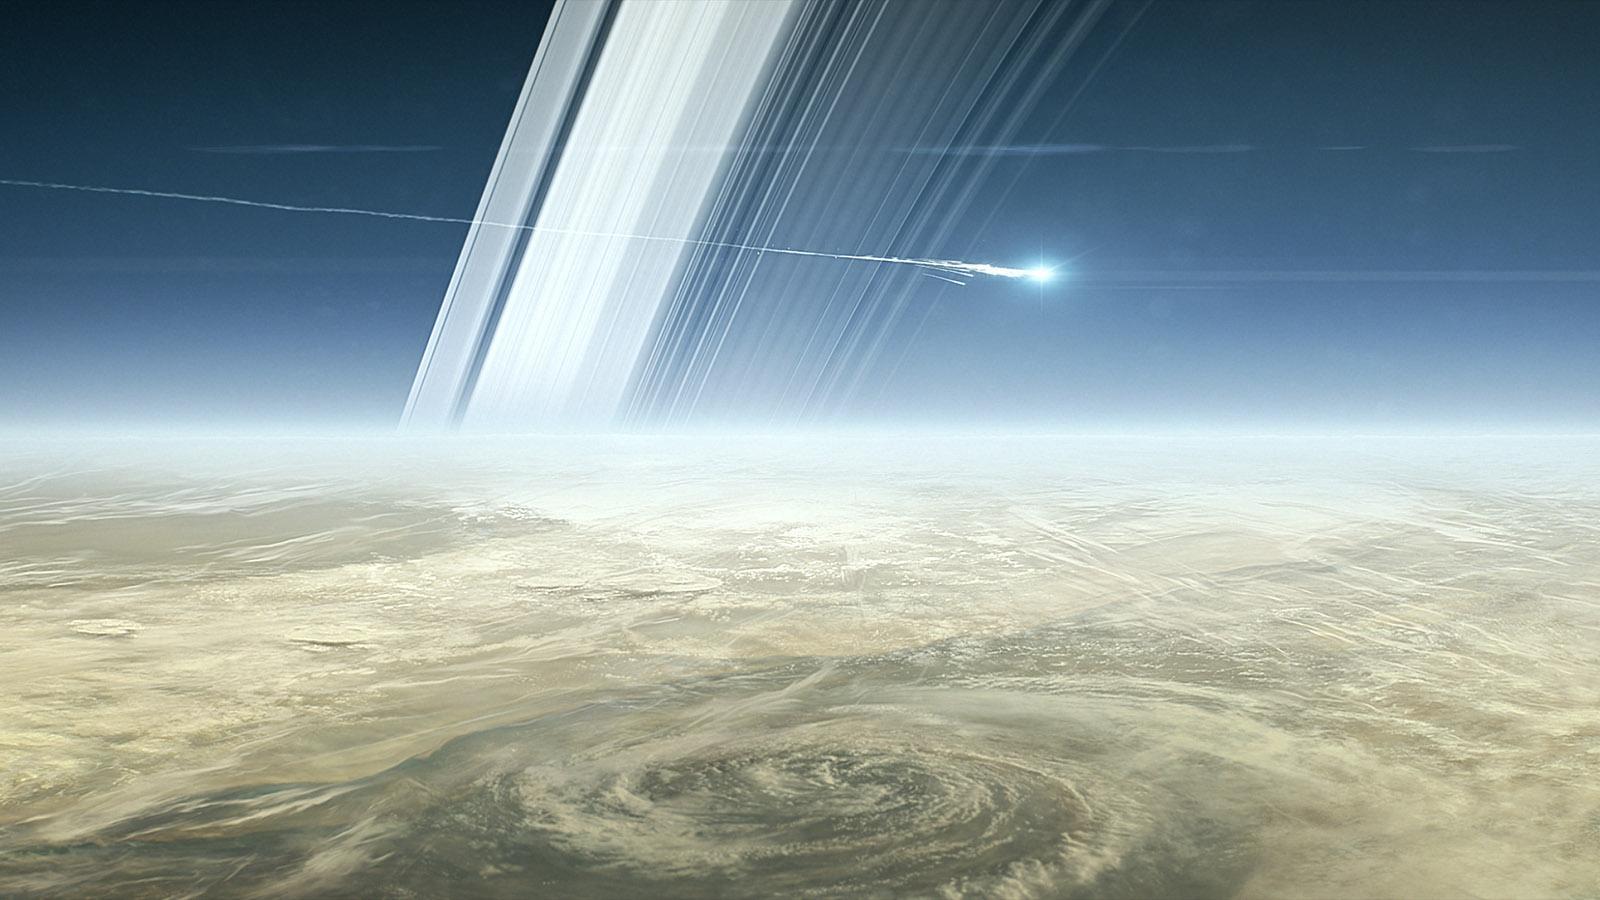 In questo fotogramma del film di animazione Cassini's Grand Finale la distruzione della sonda dopo l'ingresso nell'atmosfera di Saturno. La fine della missione è prevista per il 15 settembre 2017. Credit: NASA/JPL-Caltech.